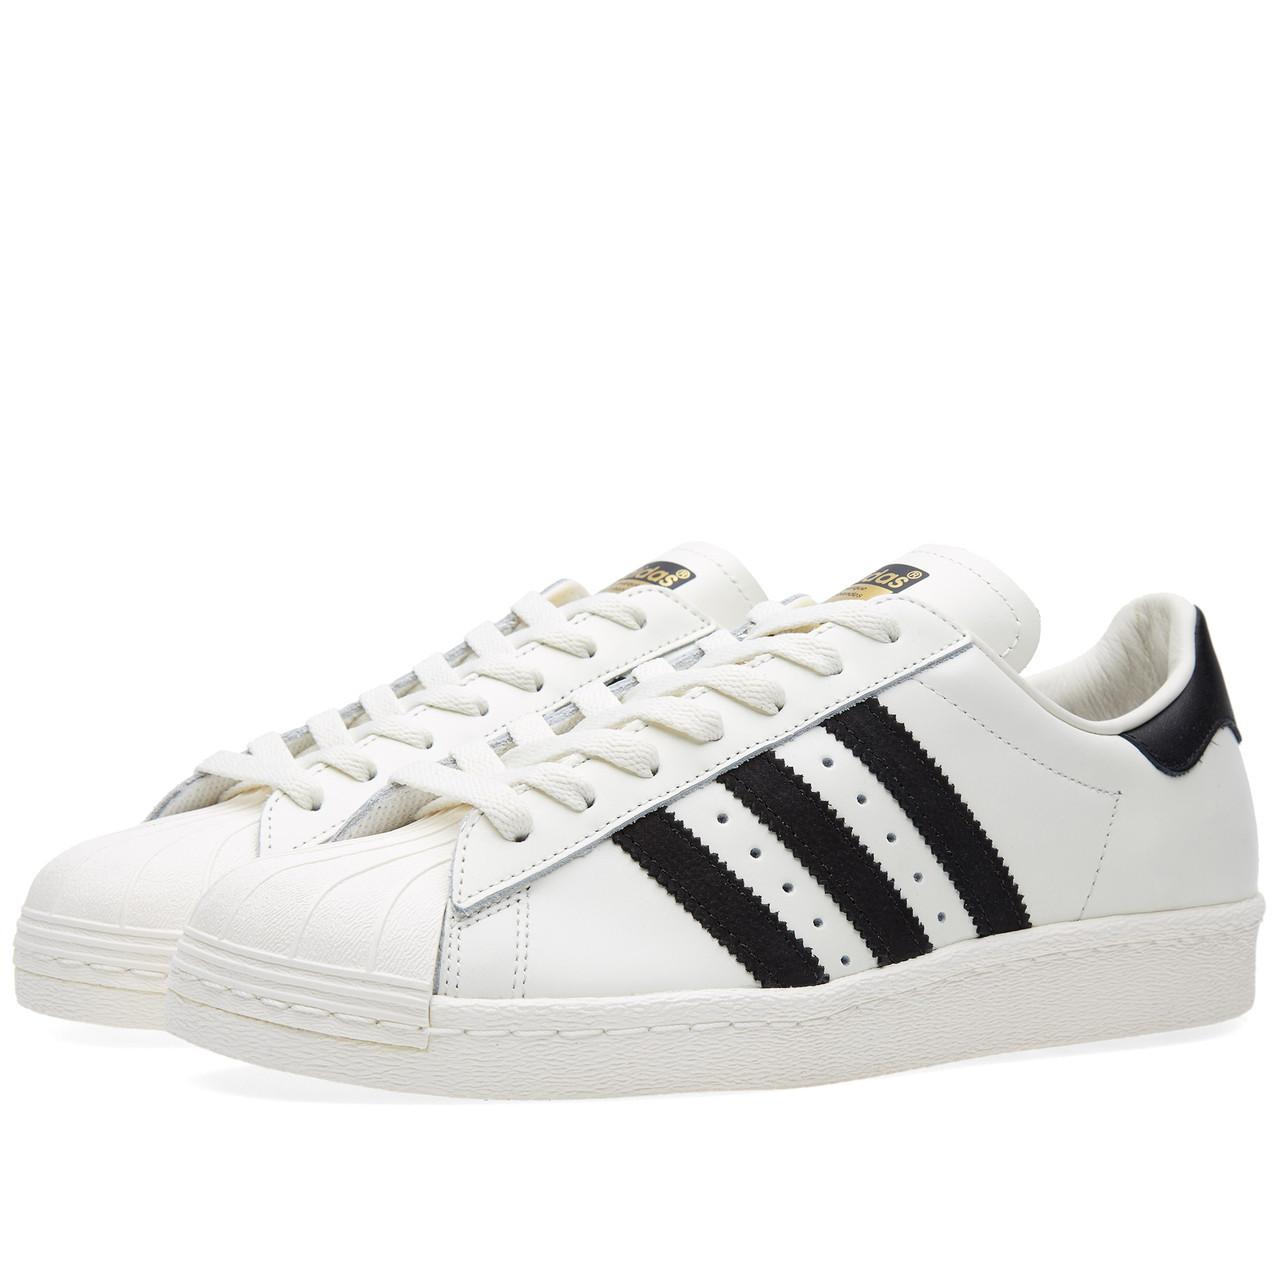 Мужские кроссовки Adidas Superstar white-black-gold  купить в  Днепропетровске и Украине от